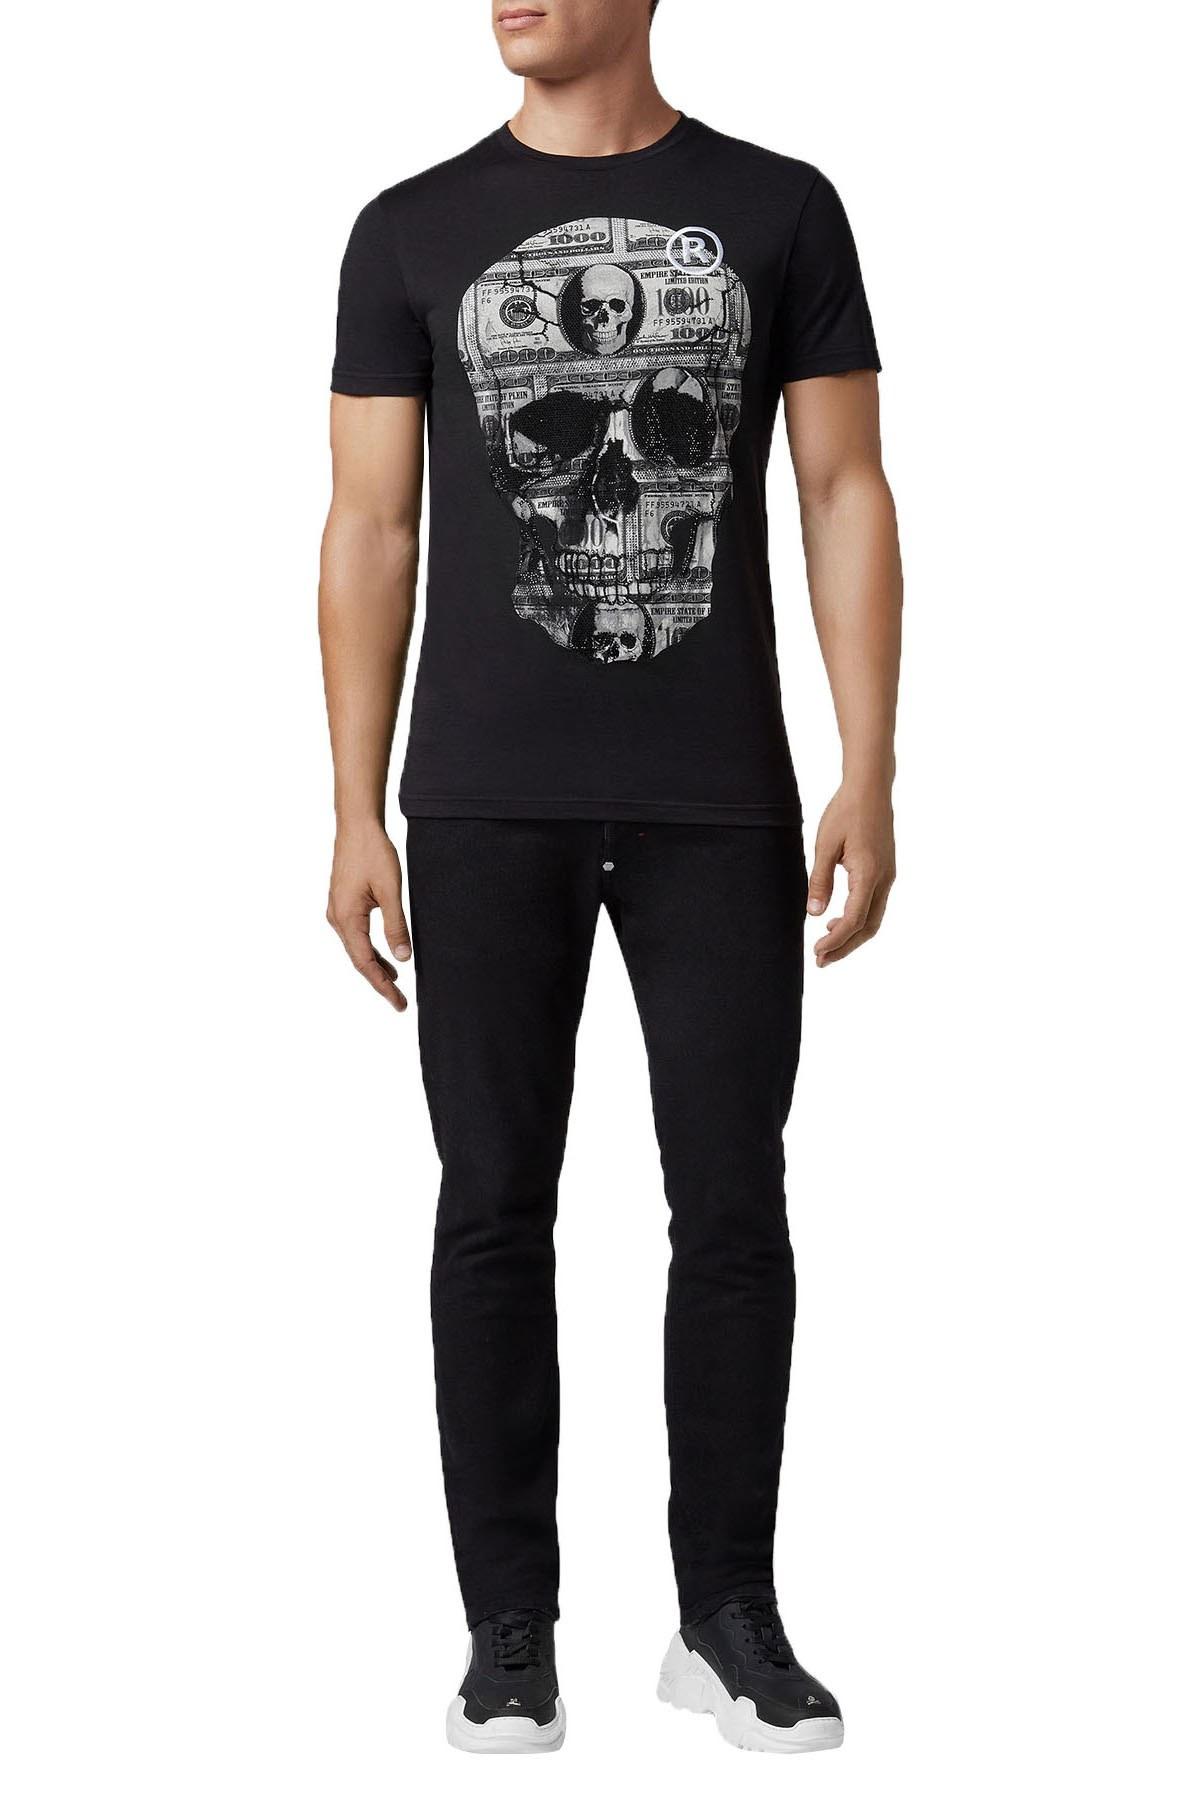 Philipp Plein Erkek T Shirt S19C MTK3000 PJY002N 02 SİYAH